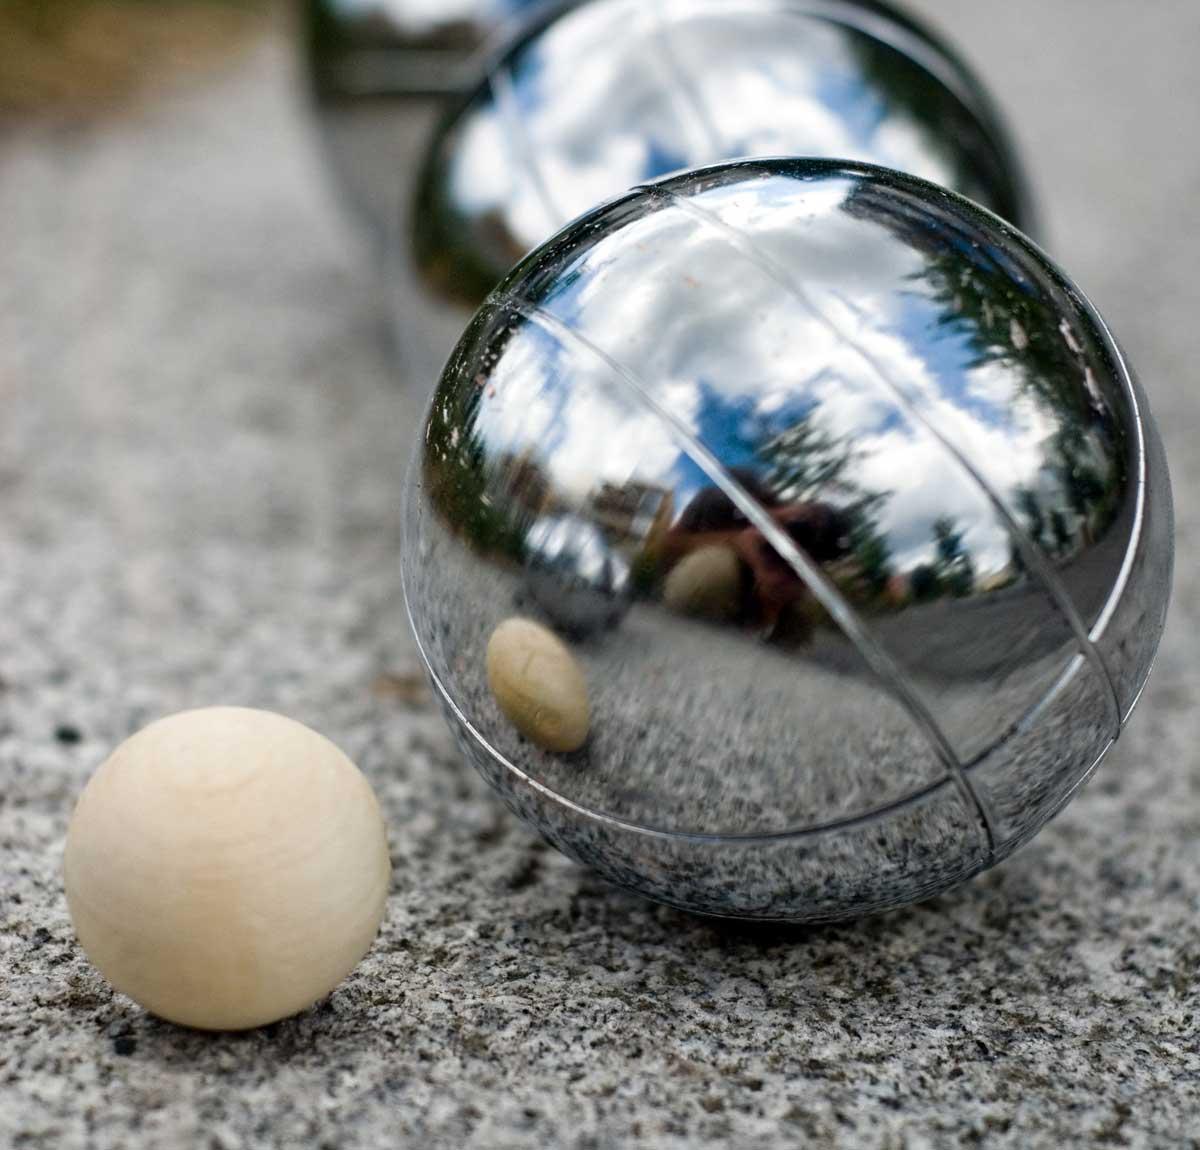 Boule Foto:Anders Adermark flickr.com